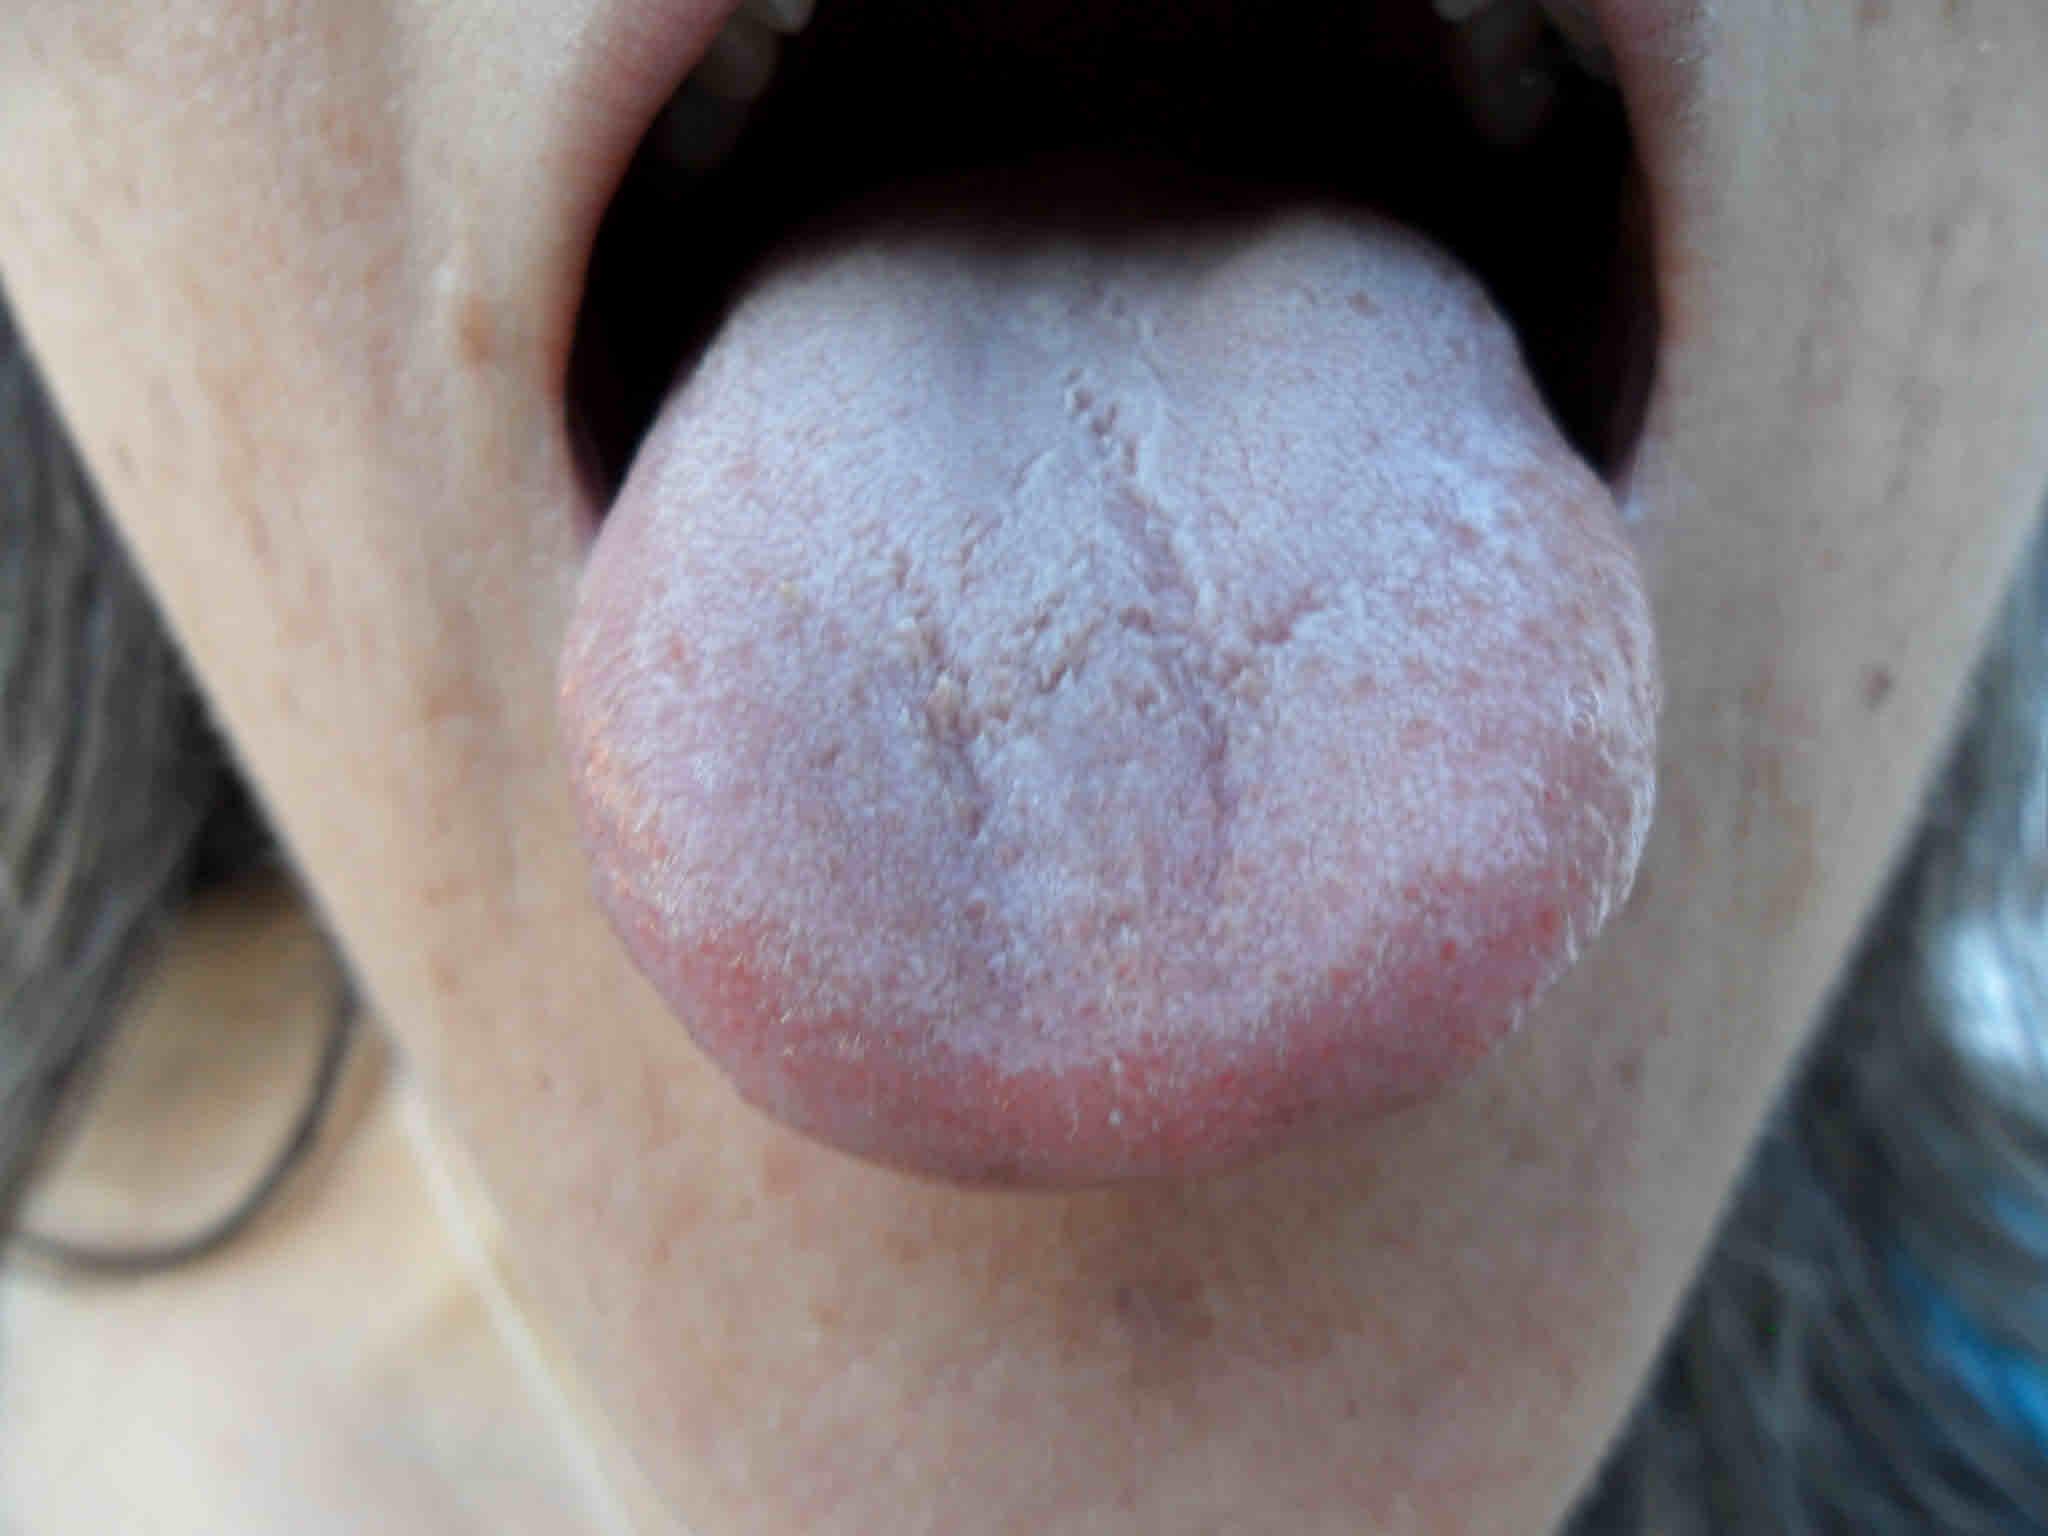 gennyszag a szájból okozza